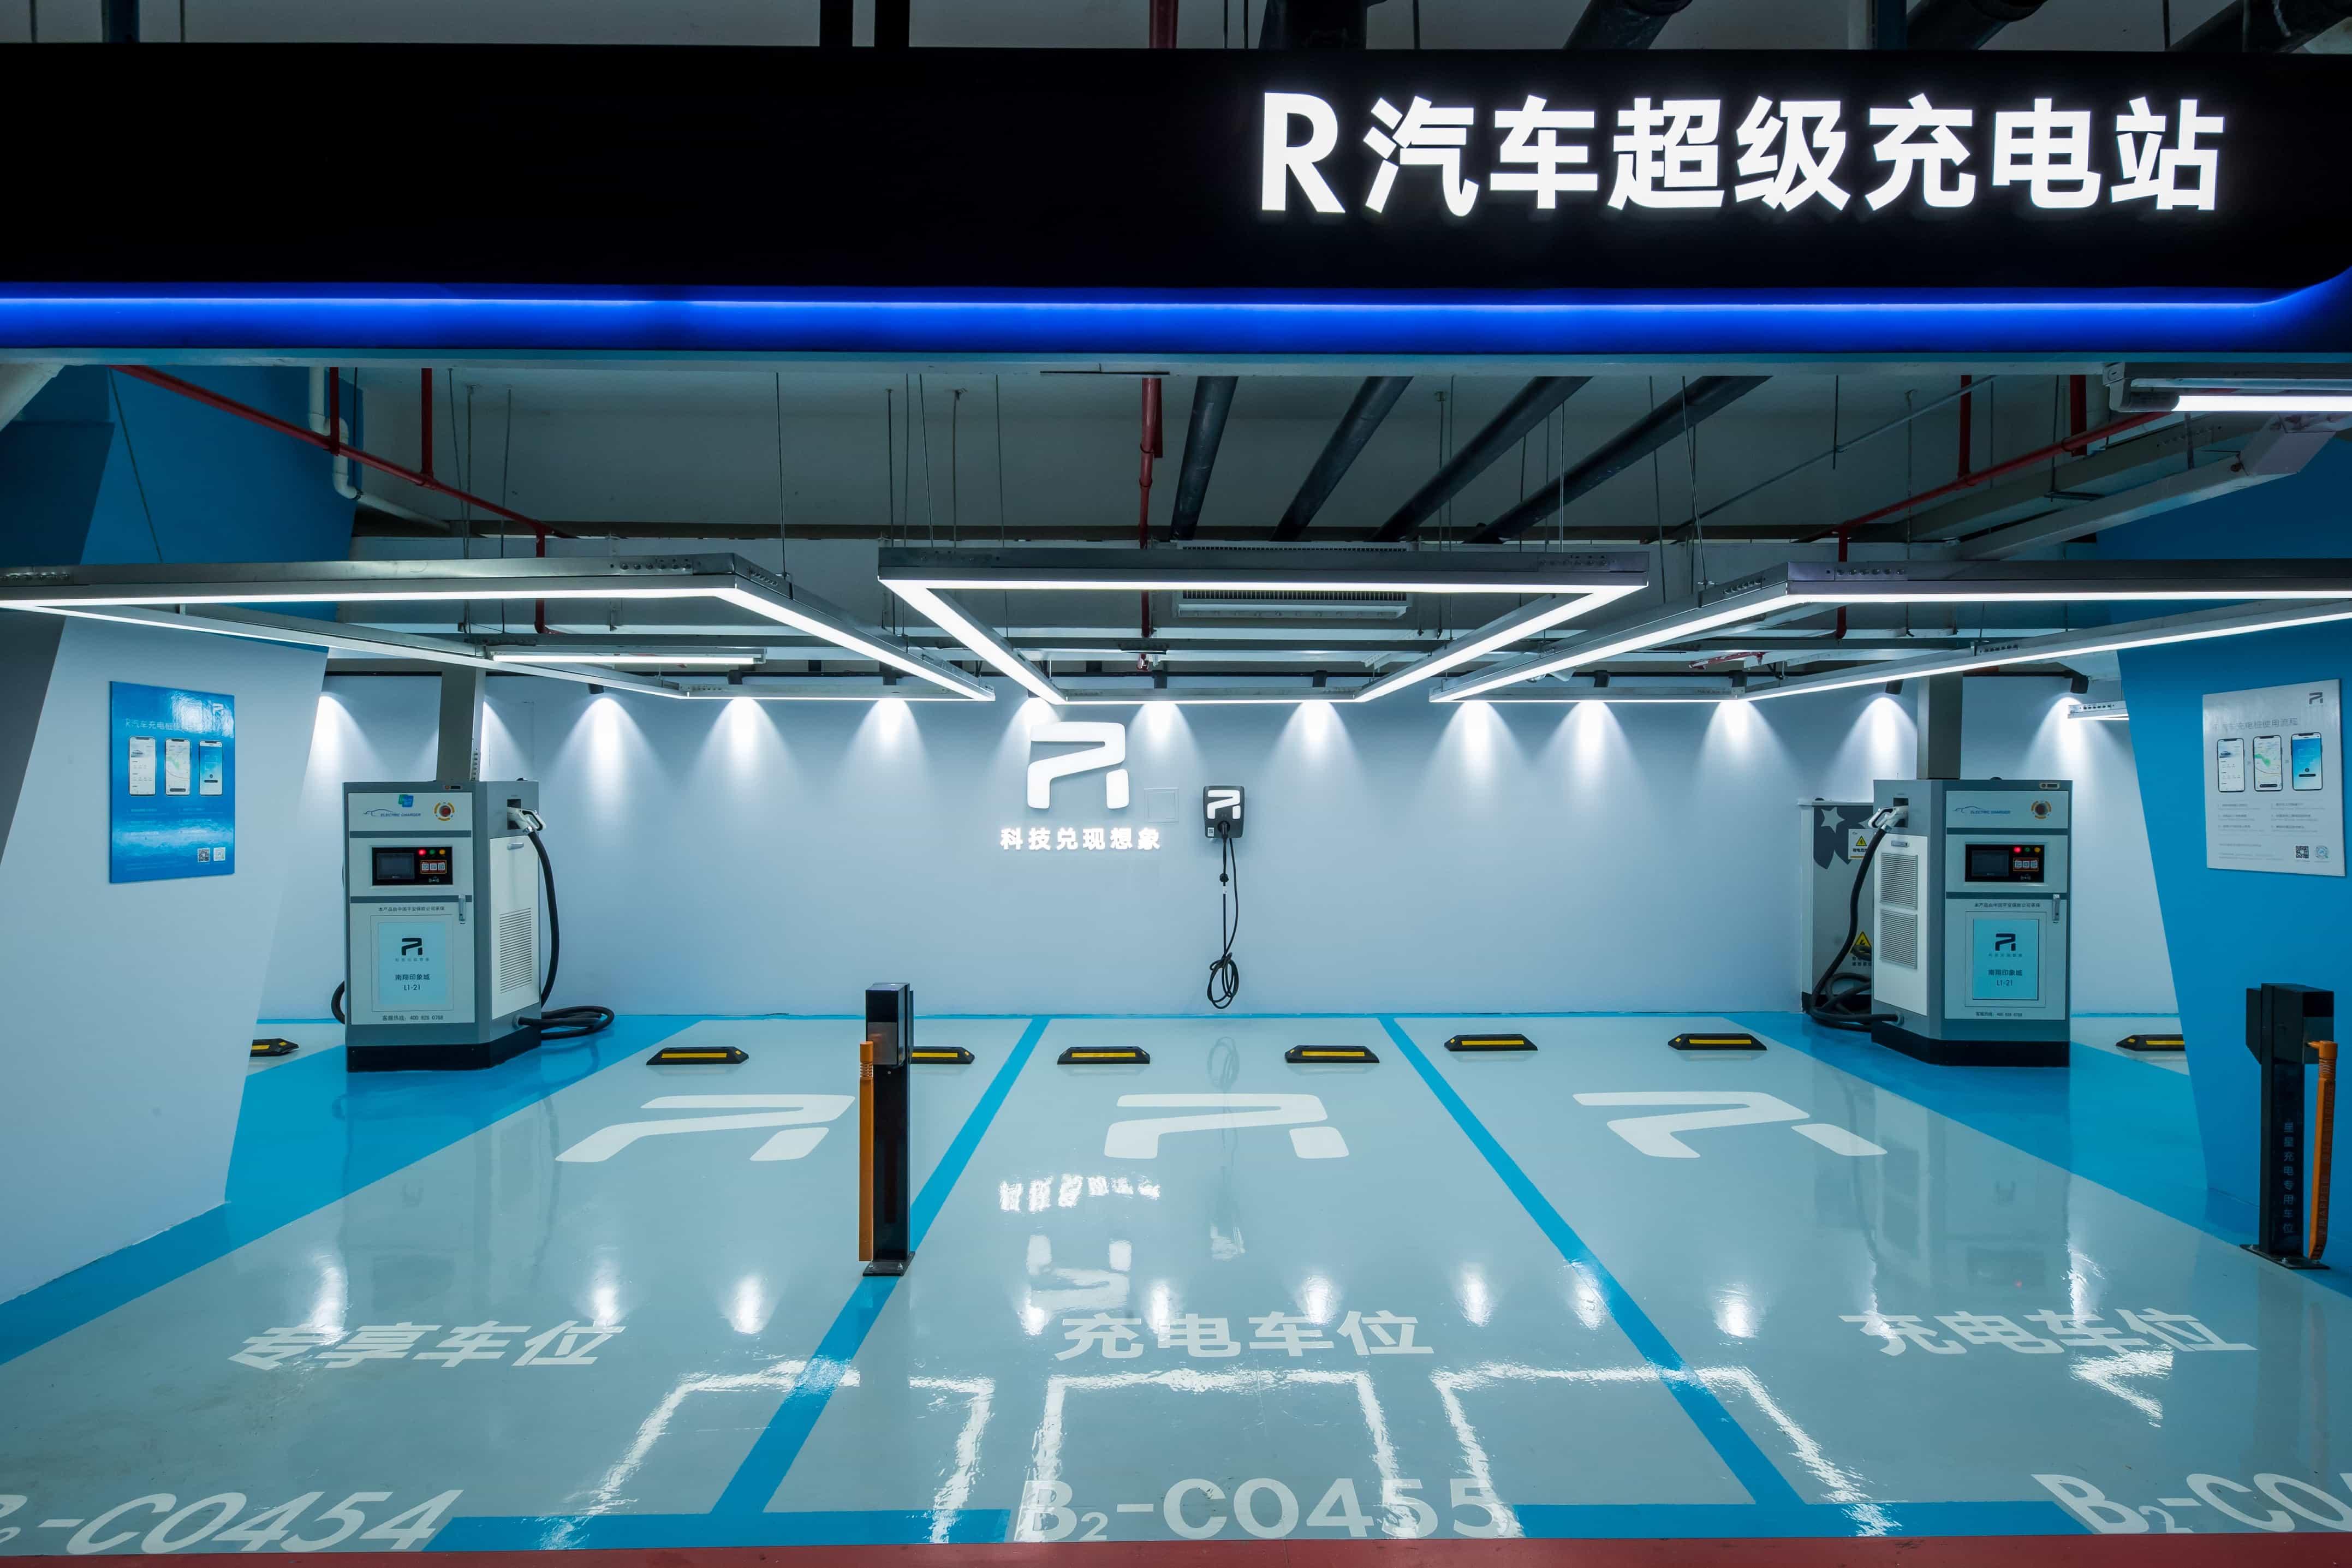 上汽R汽车首座超充站投入运营,年内将建成100座